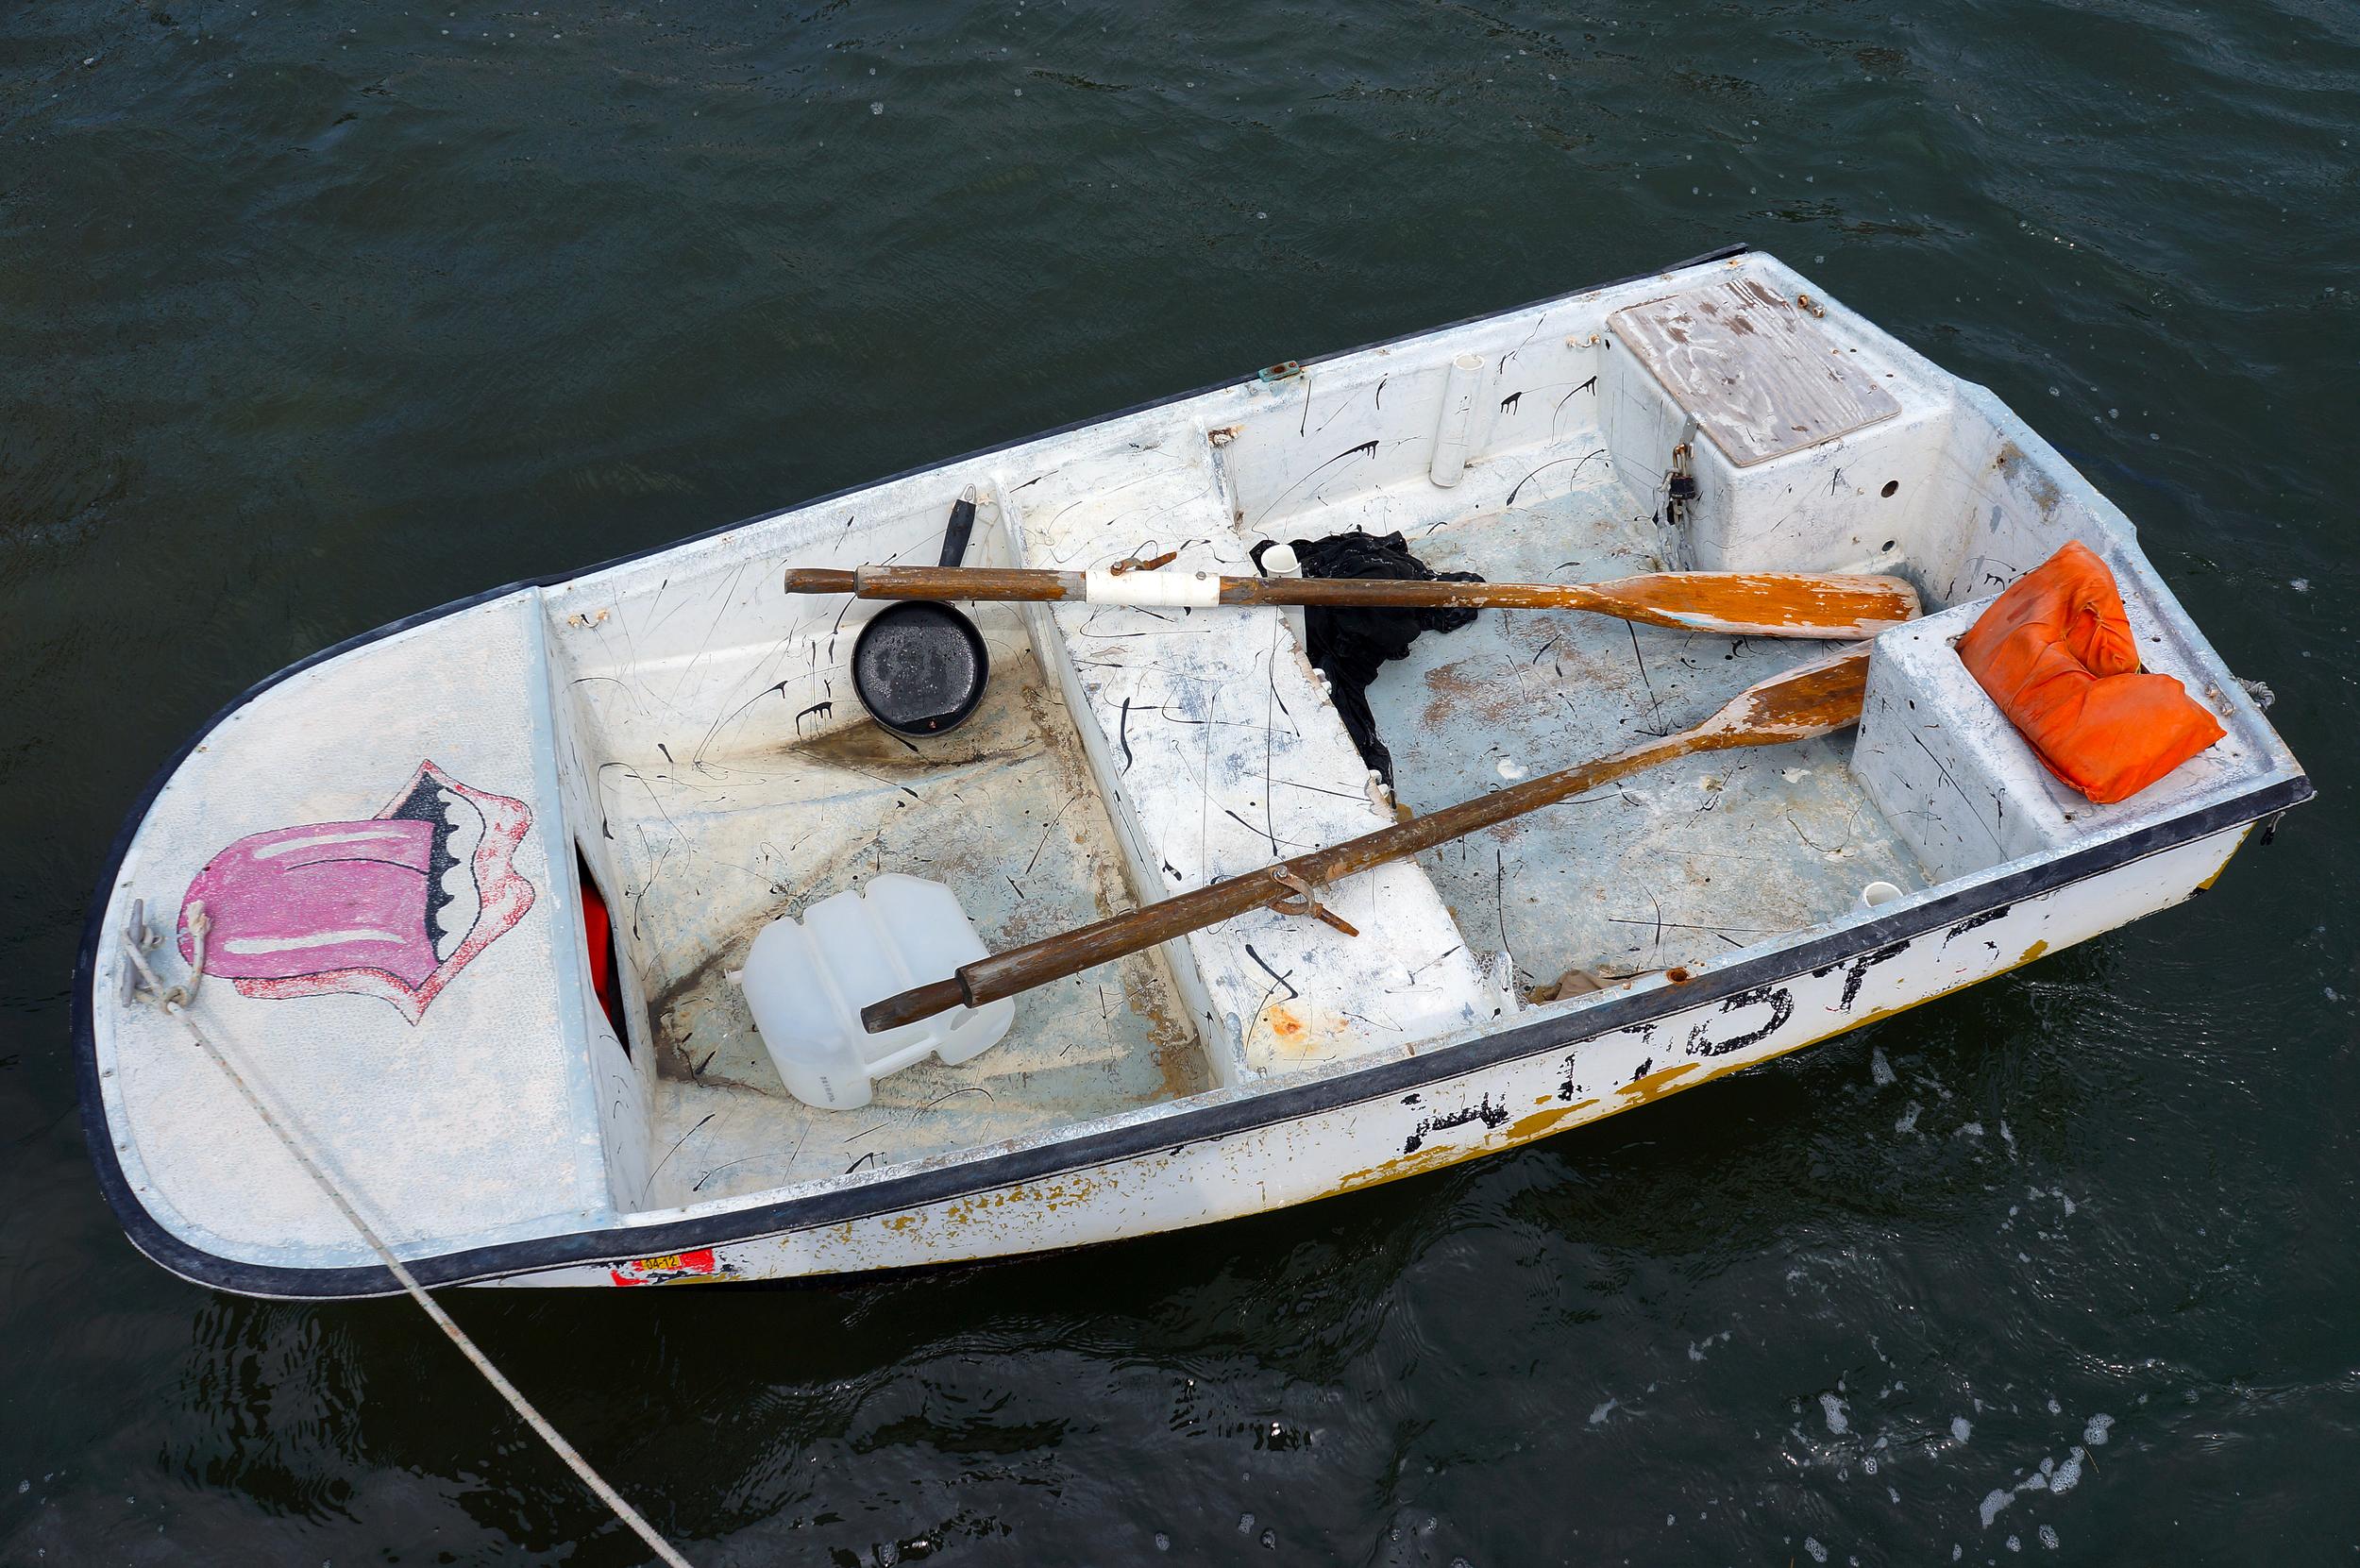 IOA_AMI_Bail_Out_Boat_Hoots.jpg